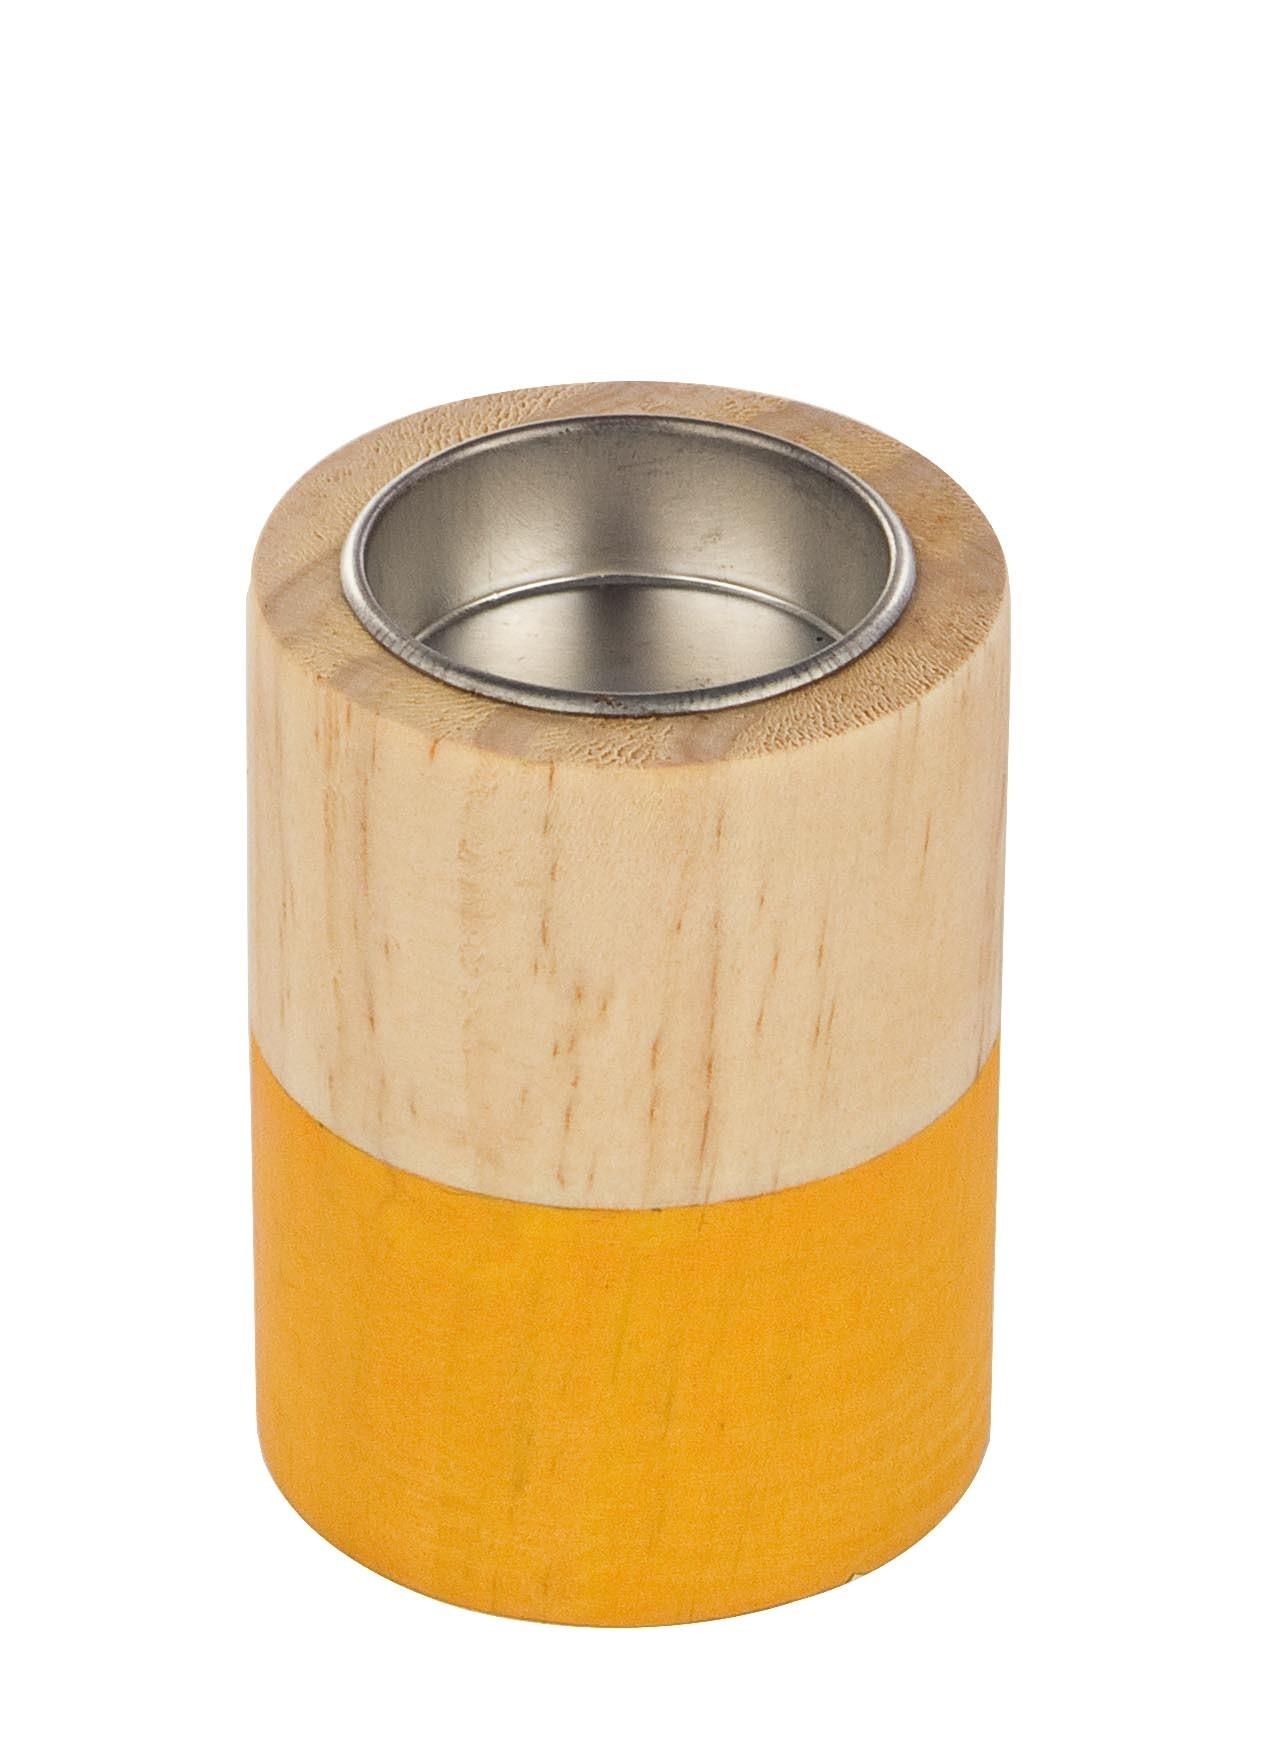 Suport lumanare din lemn Cylinder Natural / Portocaliu, Ø6xH8 cm imagine